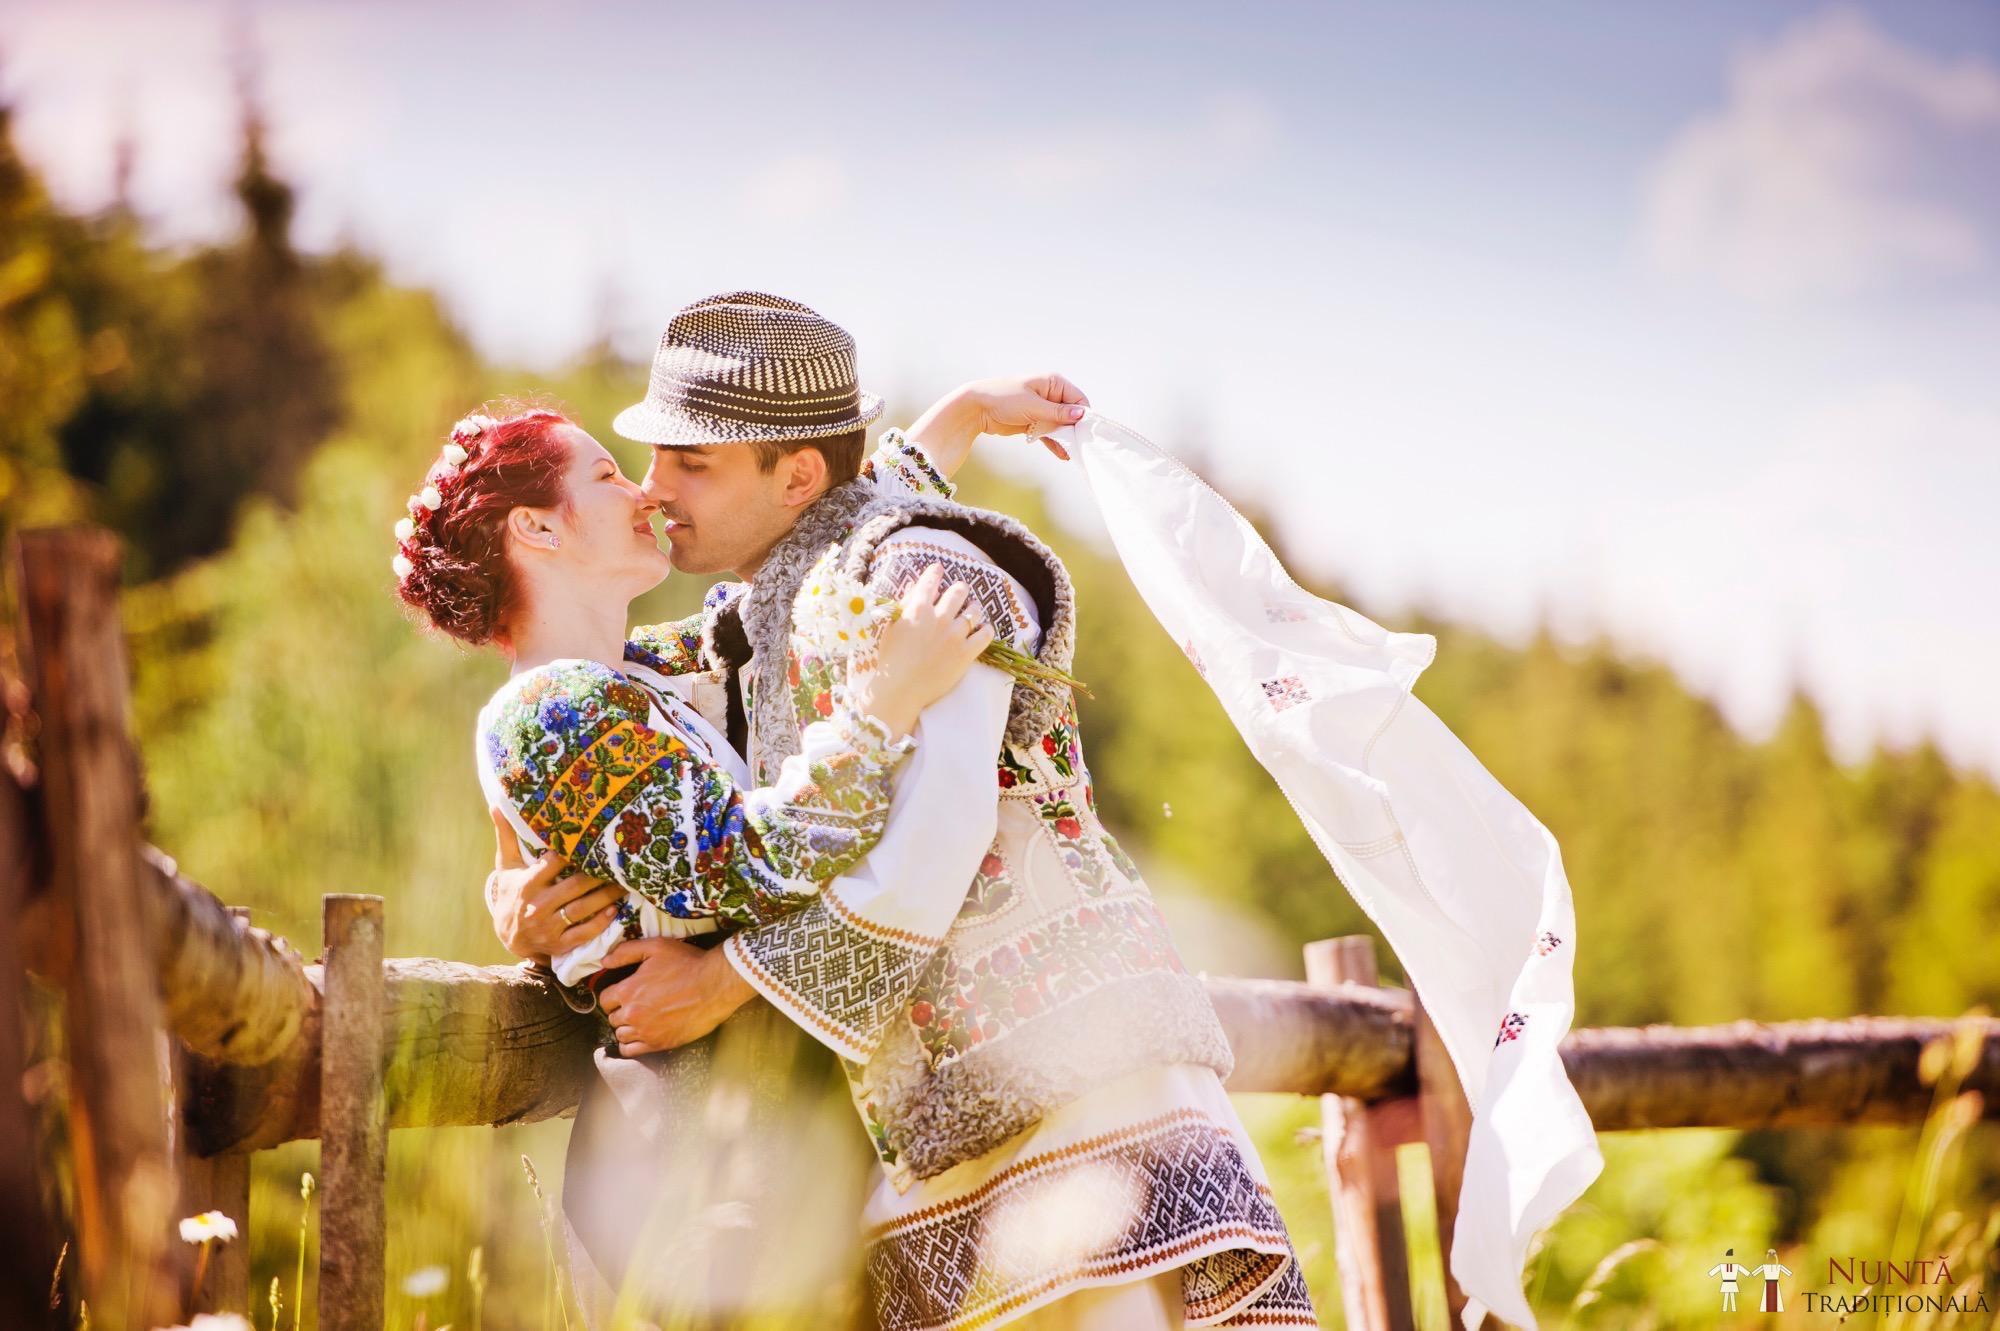 Povești Nunți Tradiționale - Gabriela și Mădălin - Nuntă Tradițională în Suceava, Bucovina 17